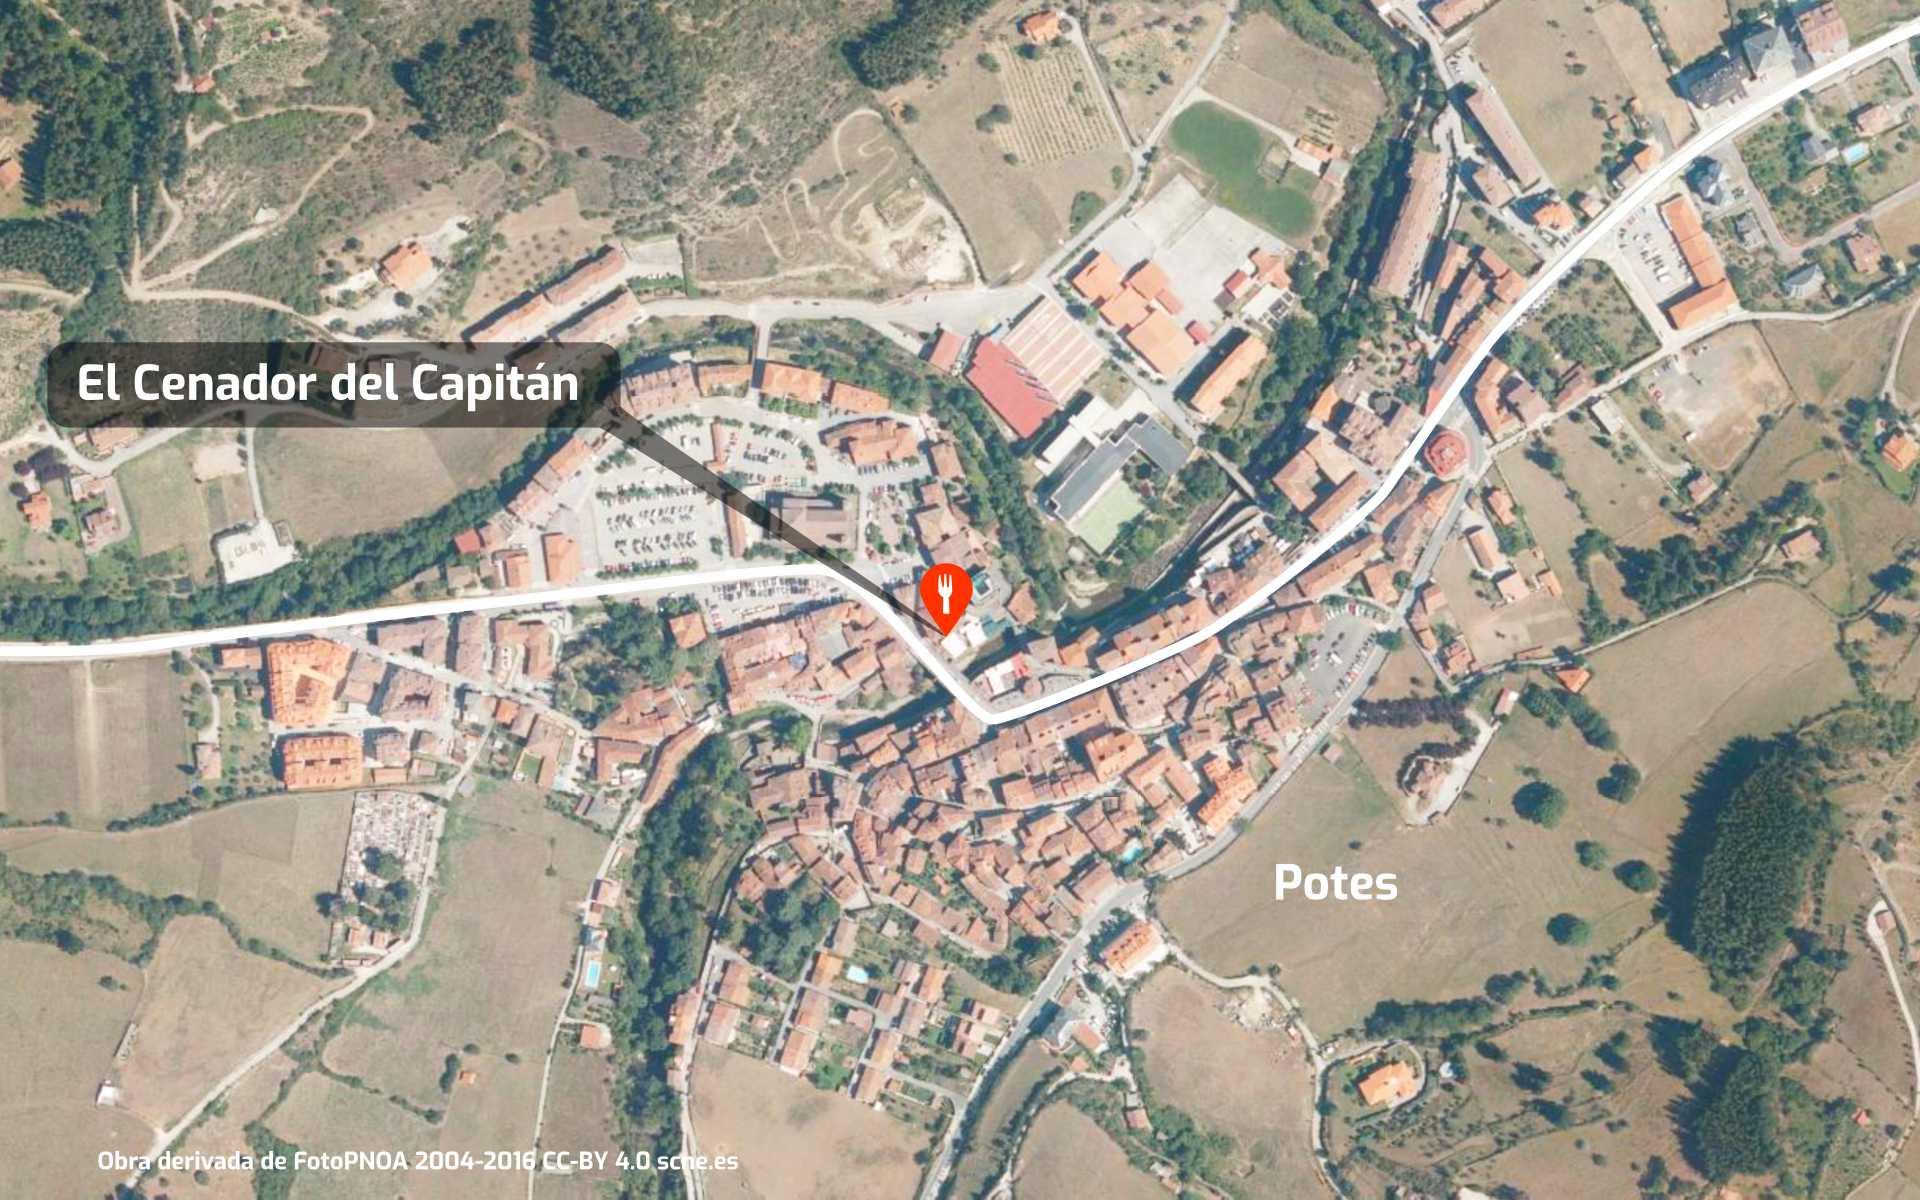 Mapa de cómo llegar al restaurante El Cenador del Capitán en Potes, Cantabria